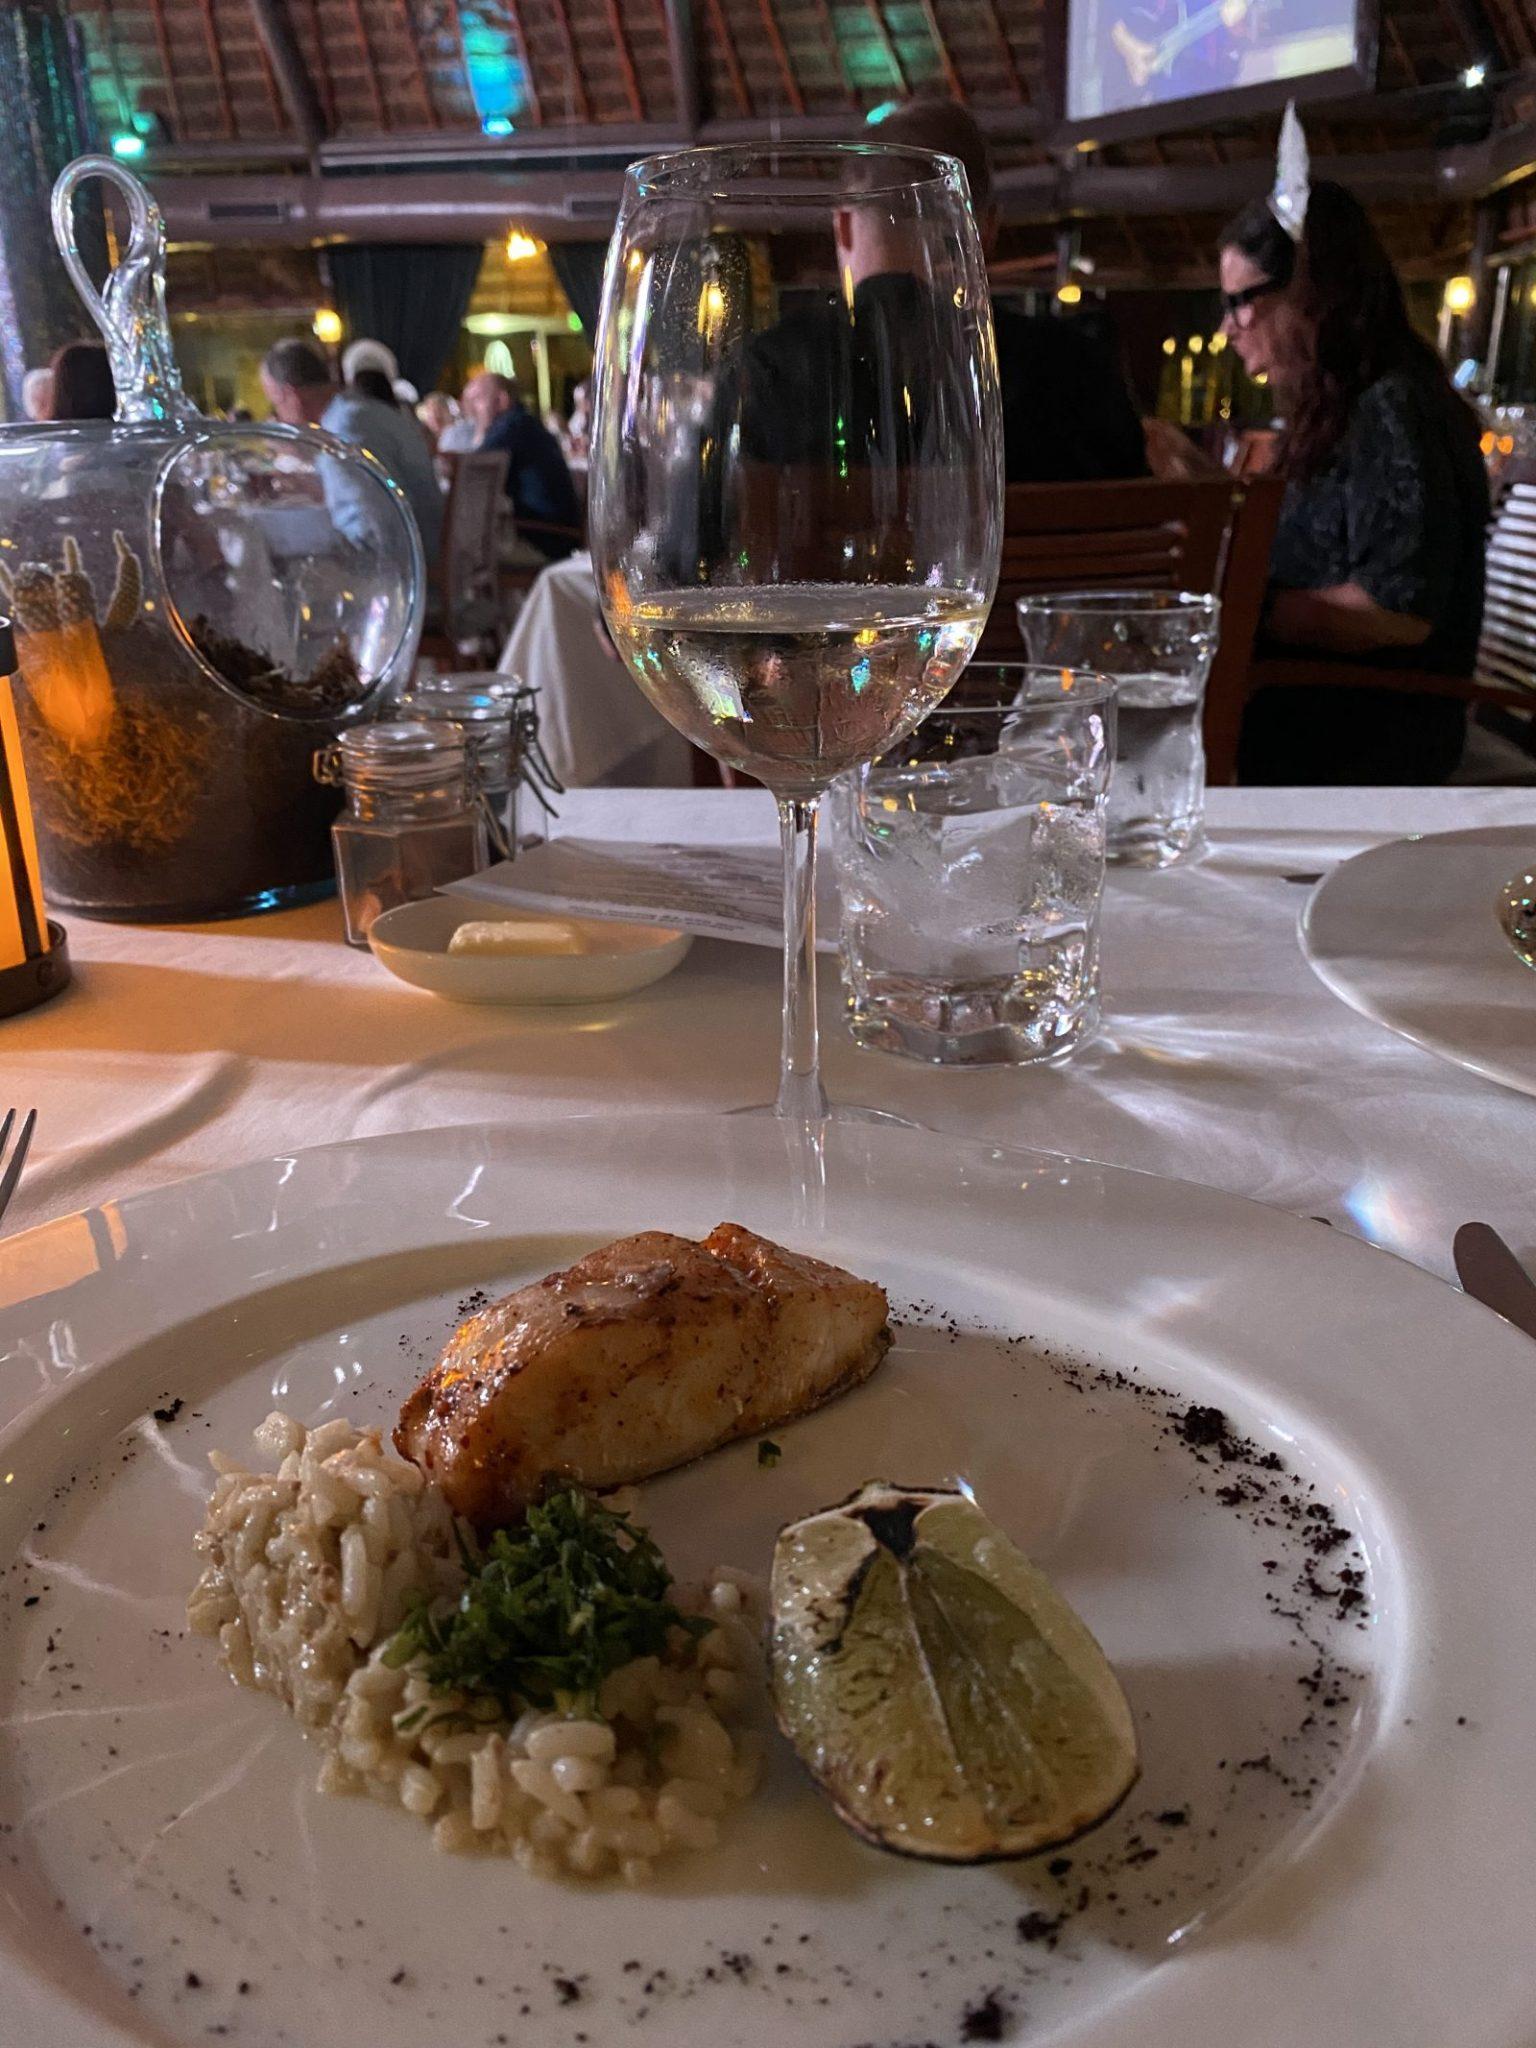 Food at El dorado Casitas